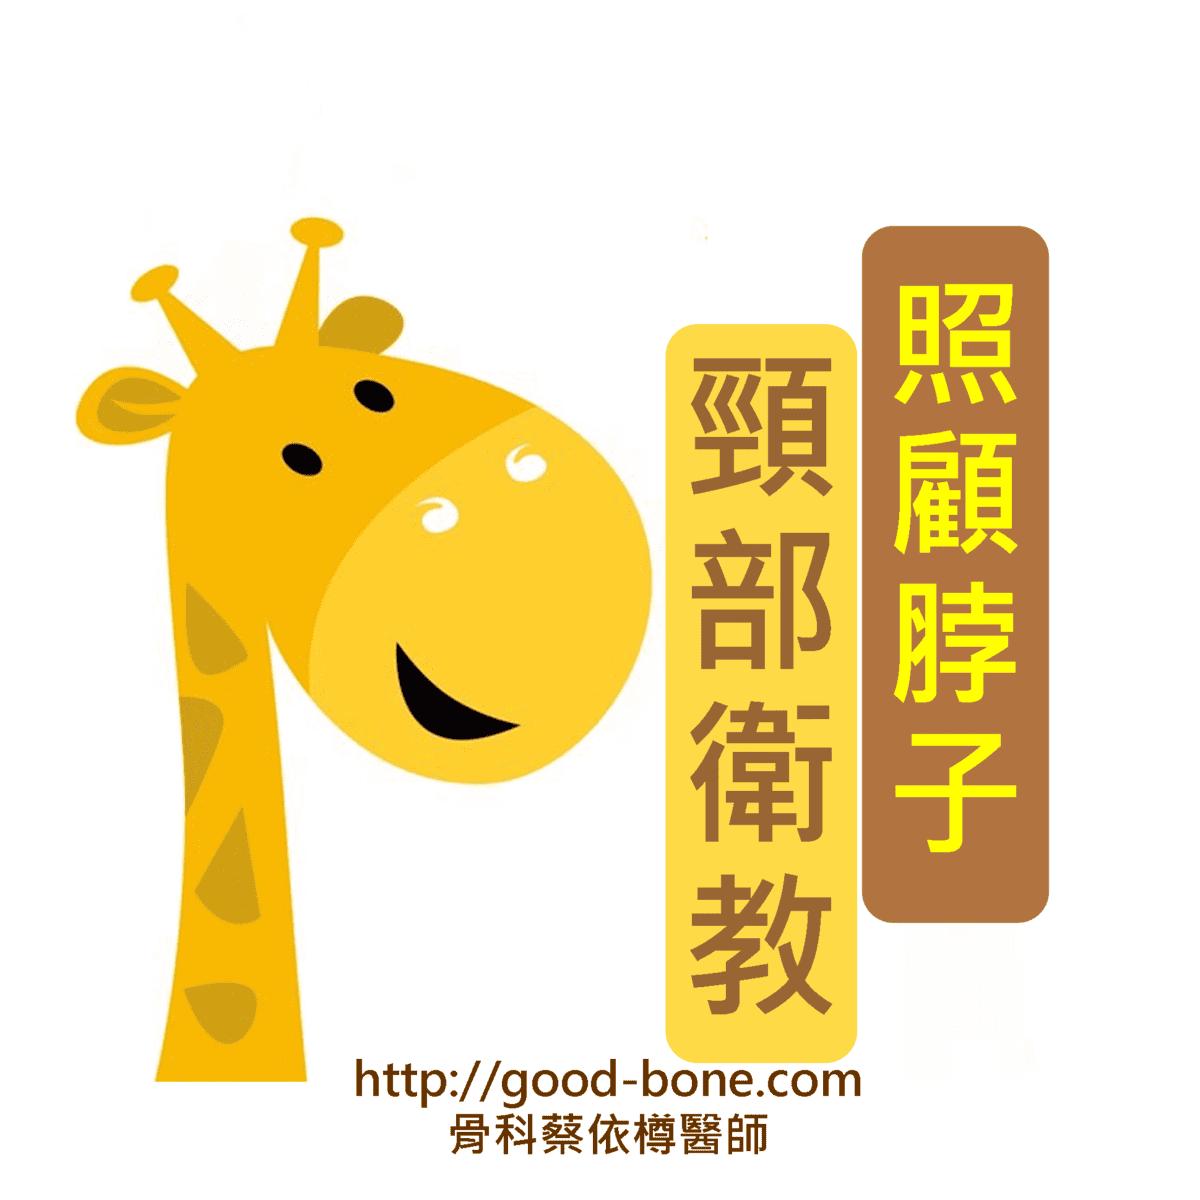 照顧脖子 頸部衛教|台中骨科蔡依樽醫師https://good-bone.com